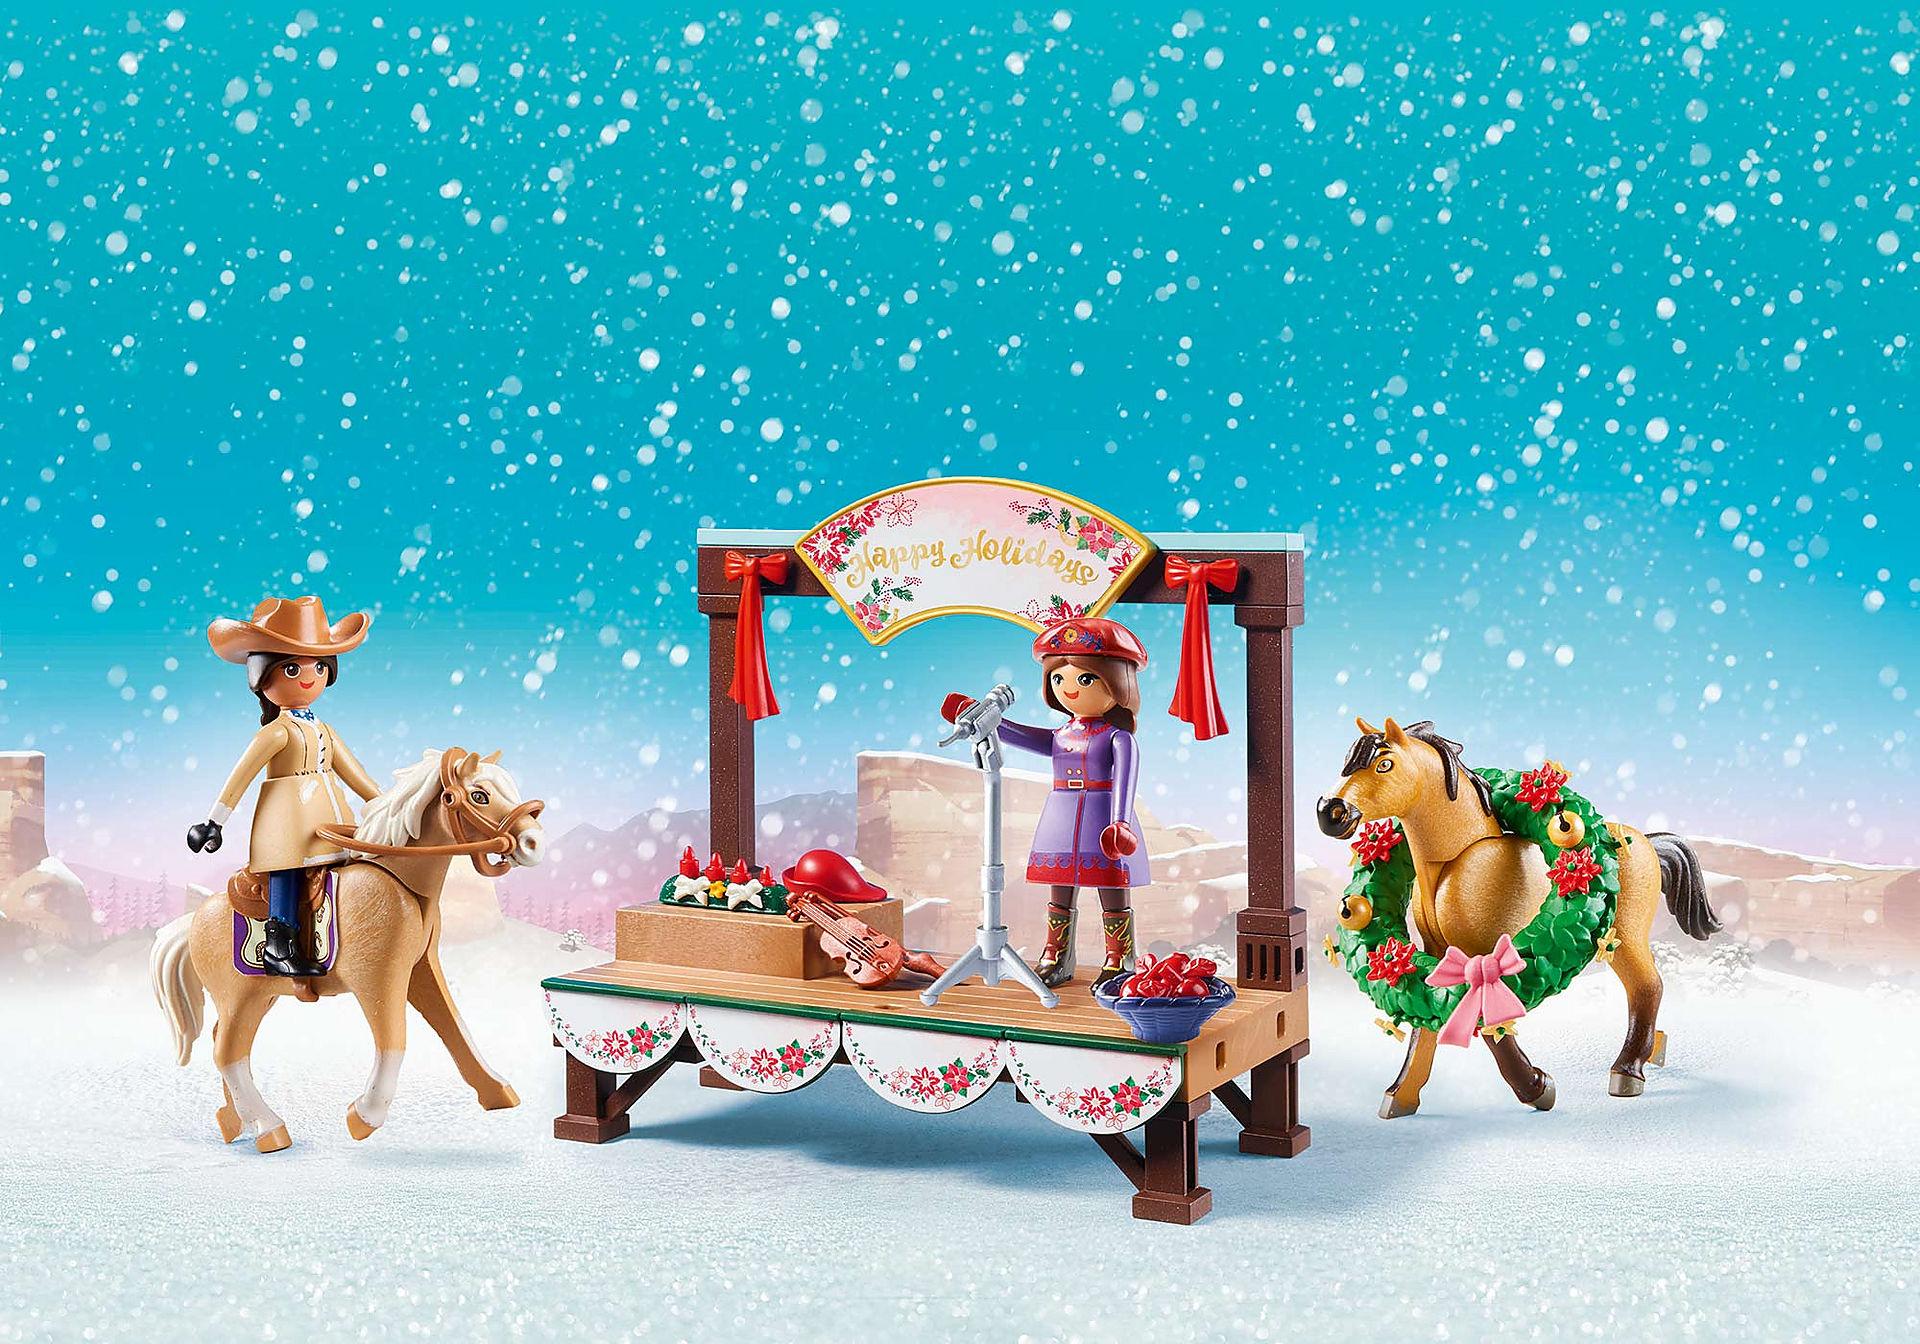 70396 Weihnachtskonzert zoom image1